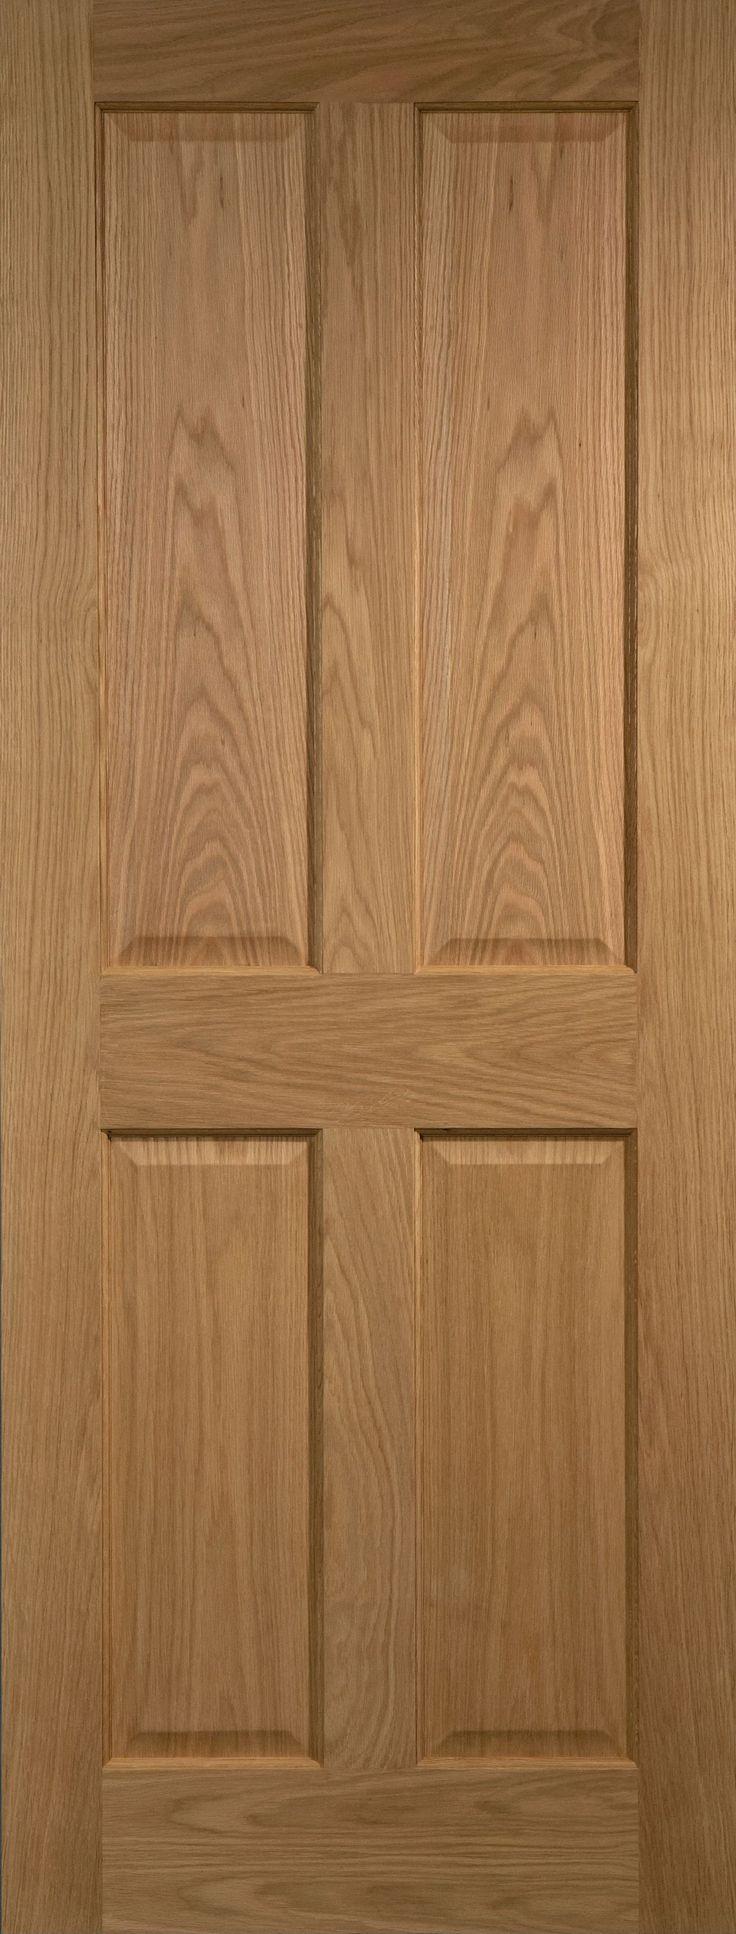 4 Panel Oak Veneer Internal Unglazed Door, (H)1981mm (W)762mm   Departments…